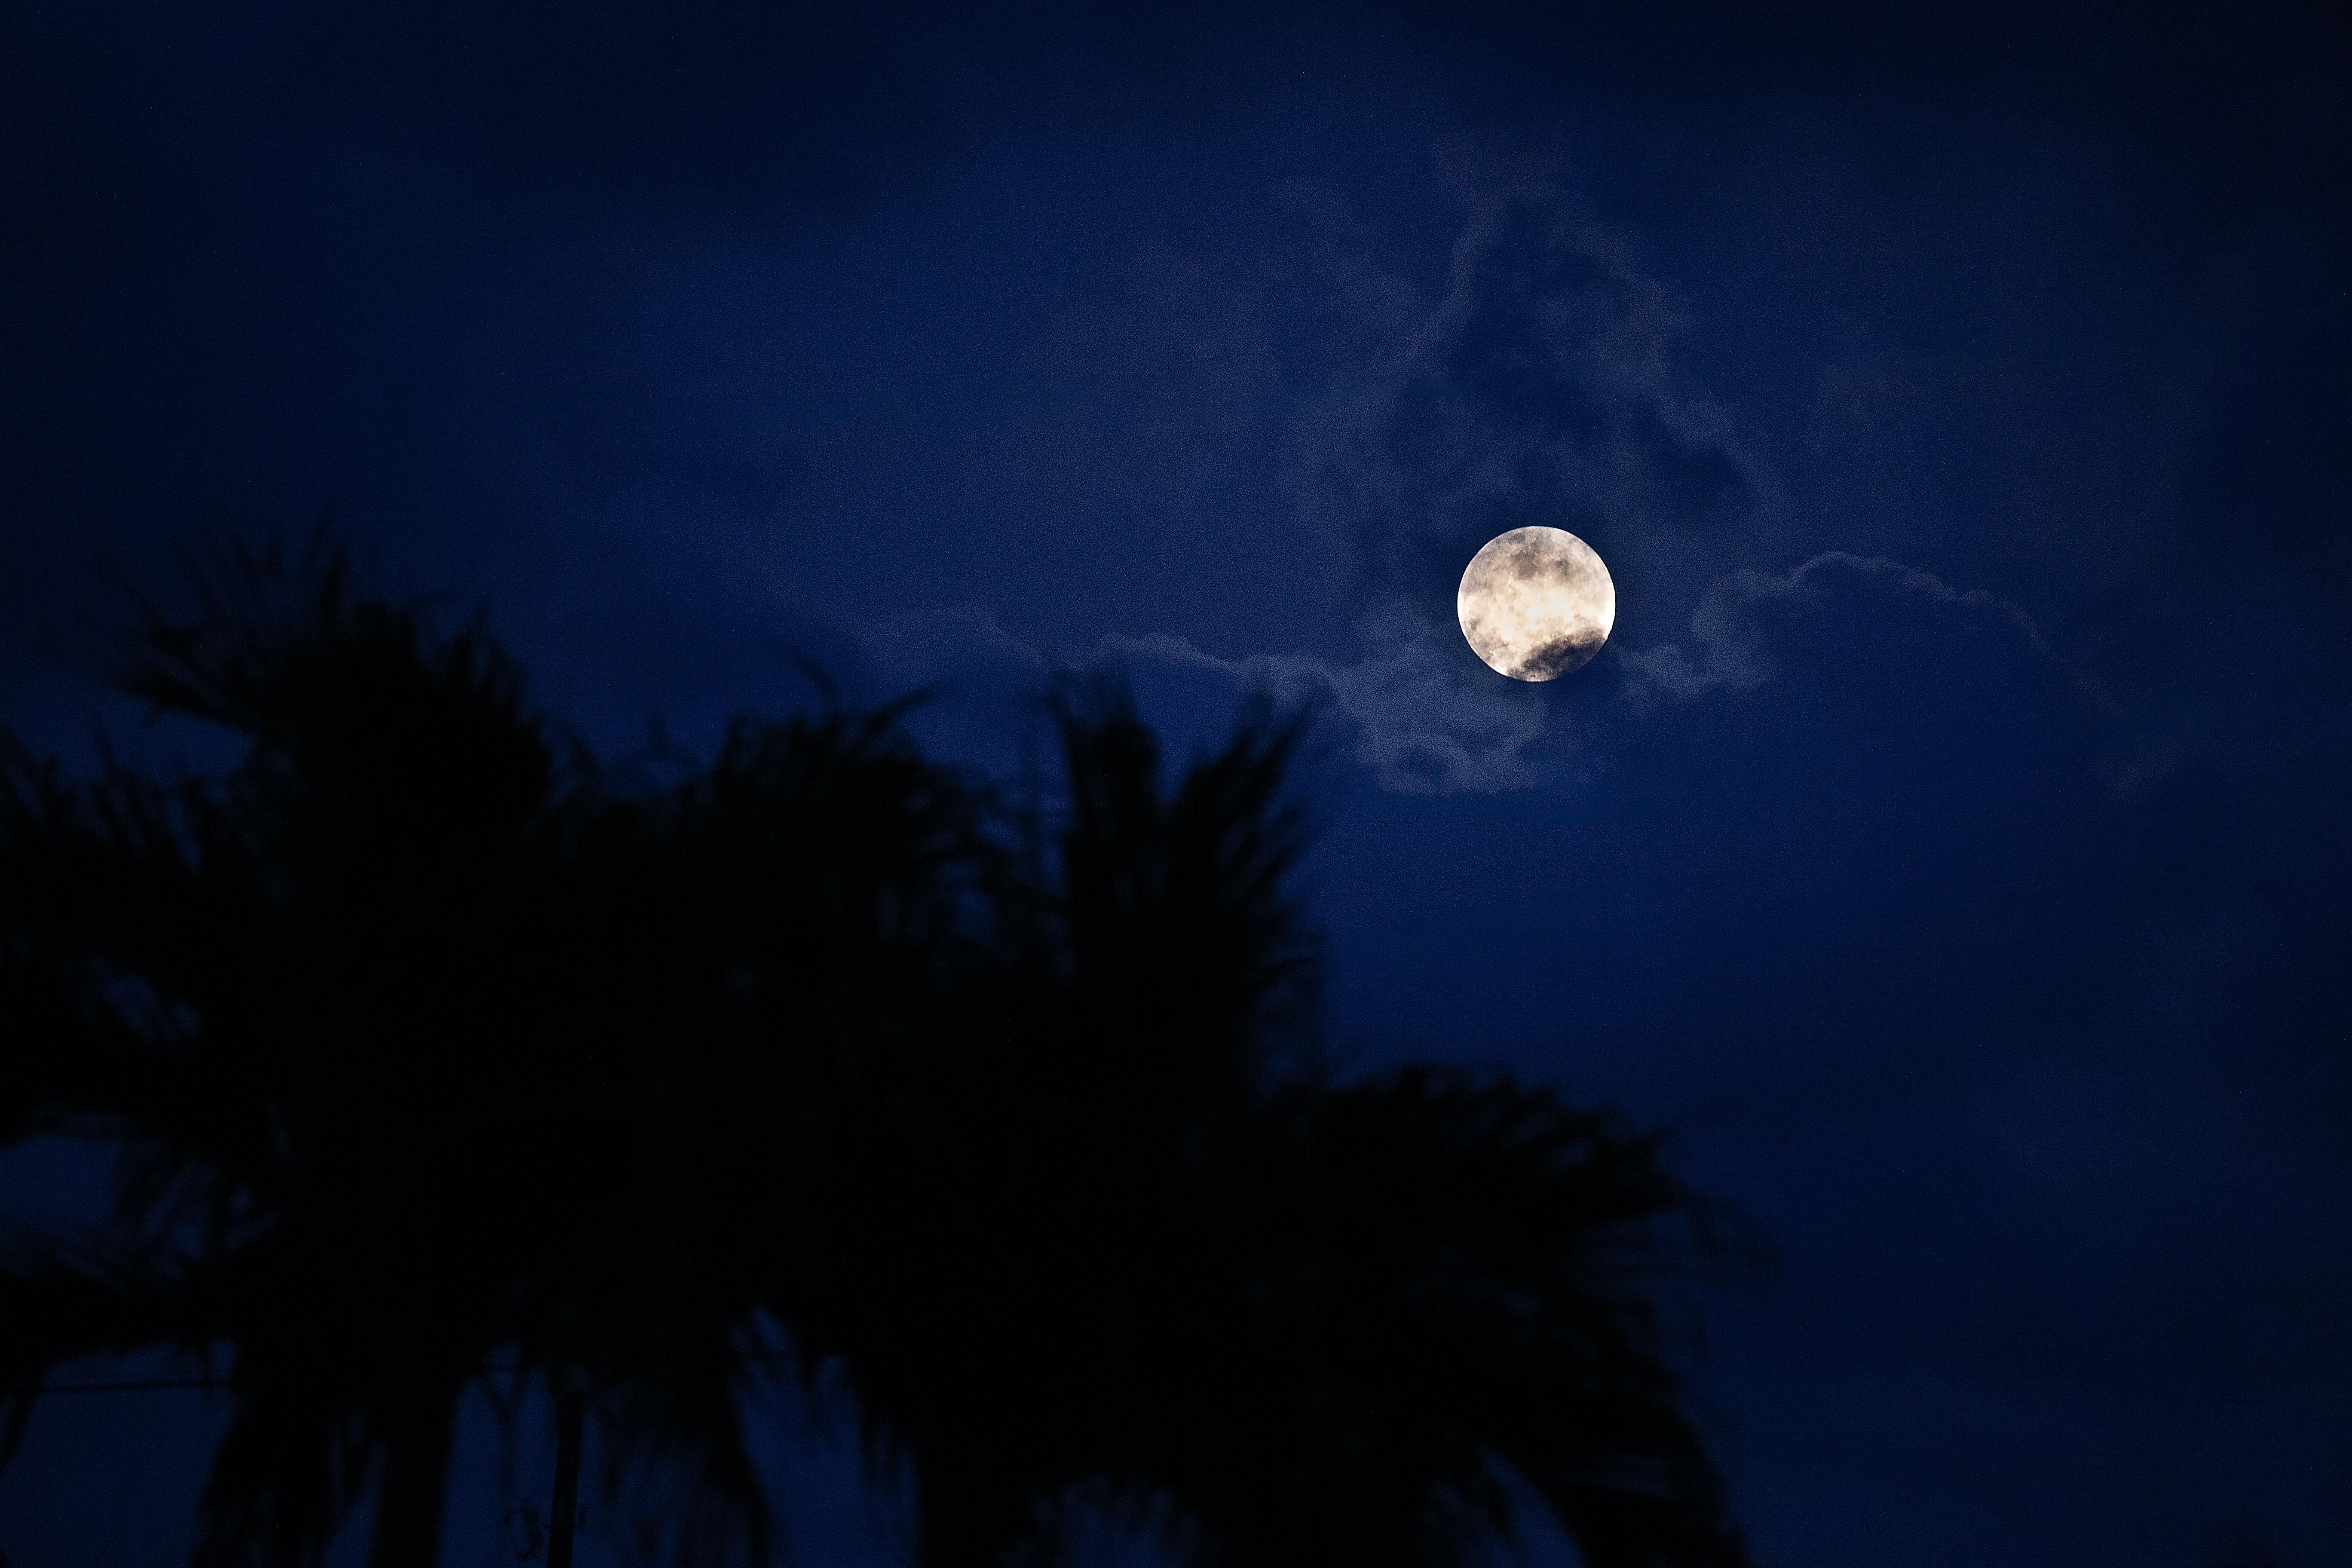 full moon night 4k 1602504898 - Full Moon Night 4k - Full Moon Night 4k wallpapers